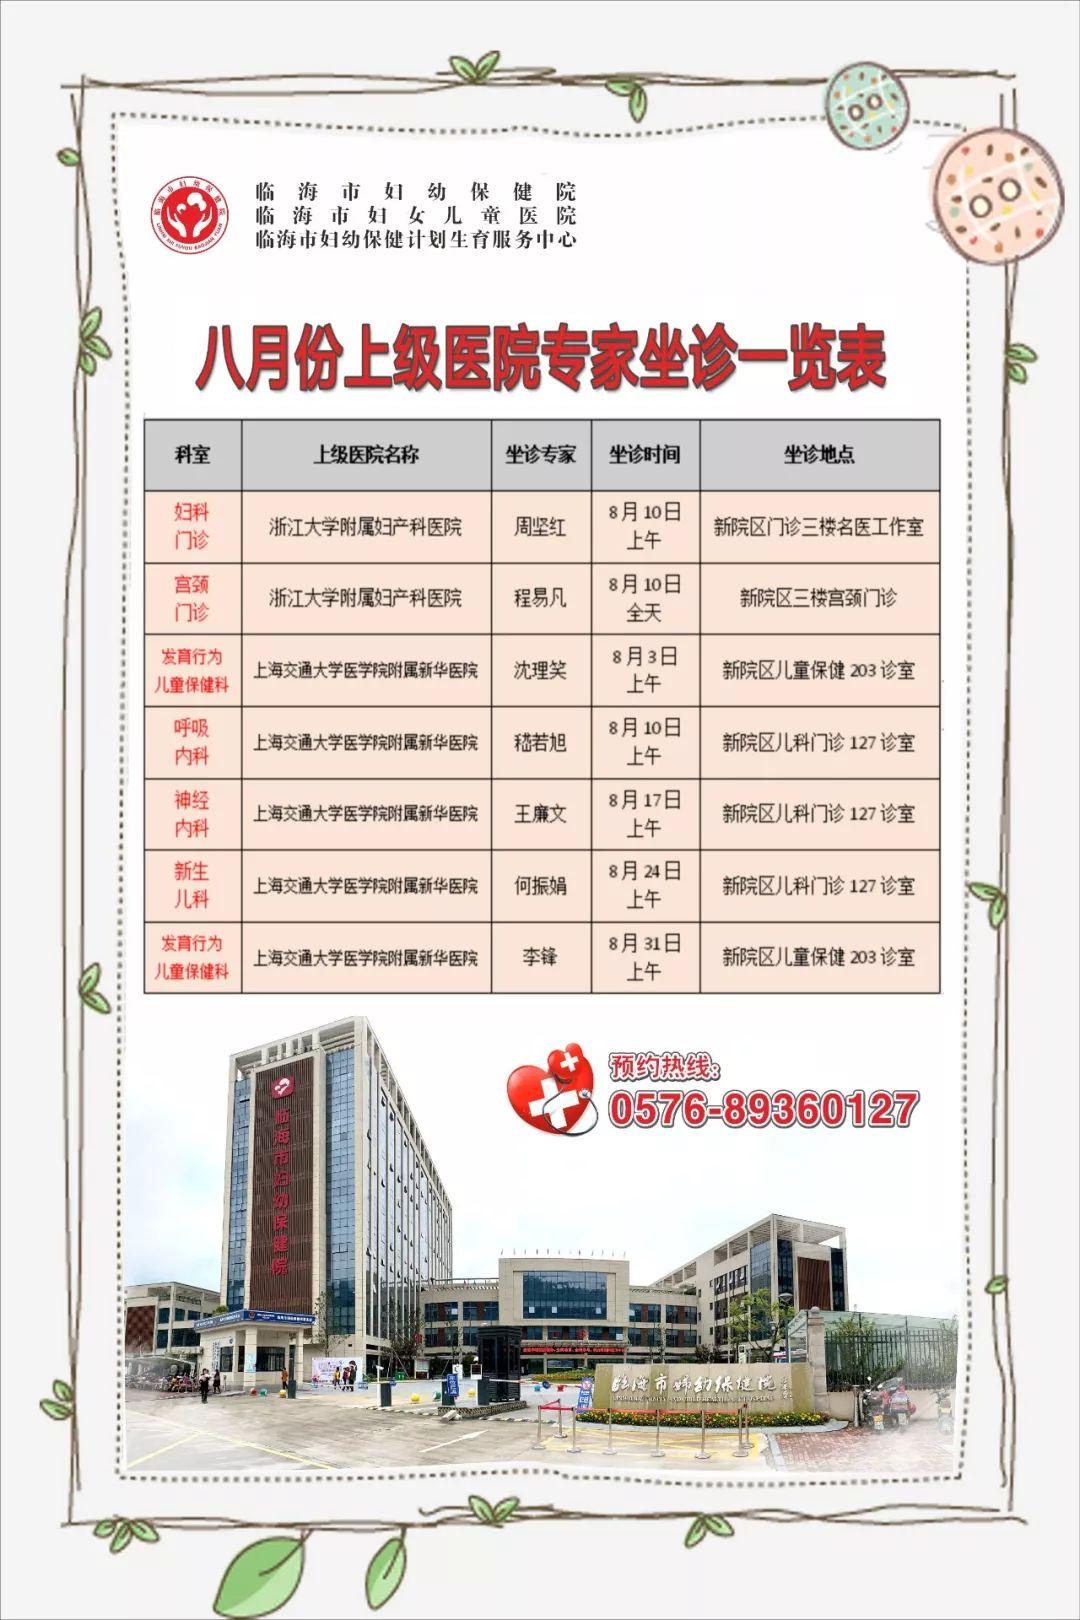 【医讯】8月份的上级医院专家坐诊排班表来了!